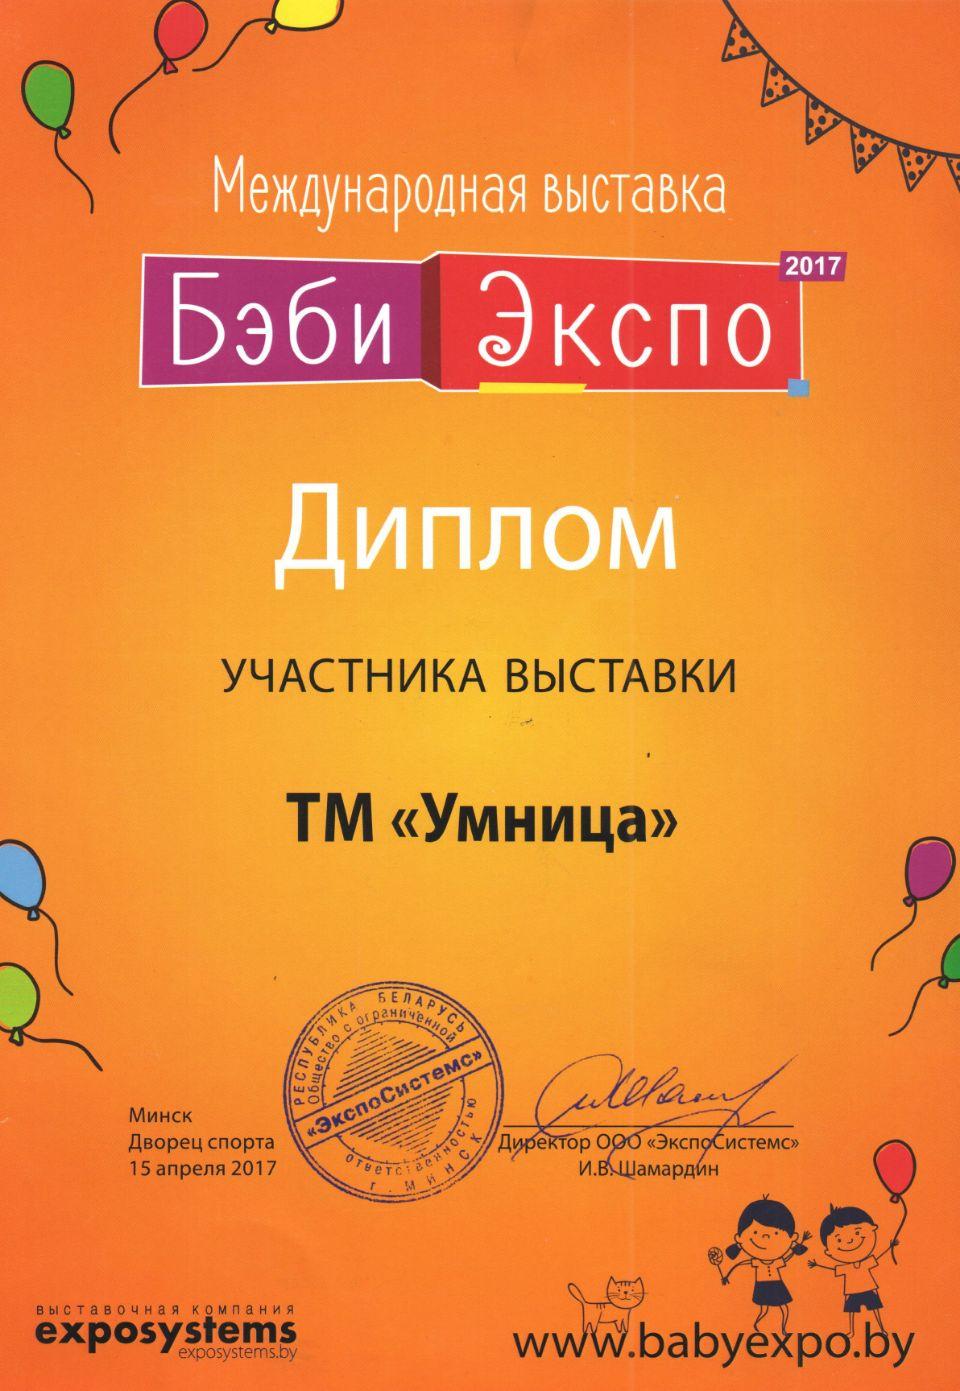 Международная выставка БэбиЭкспо